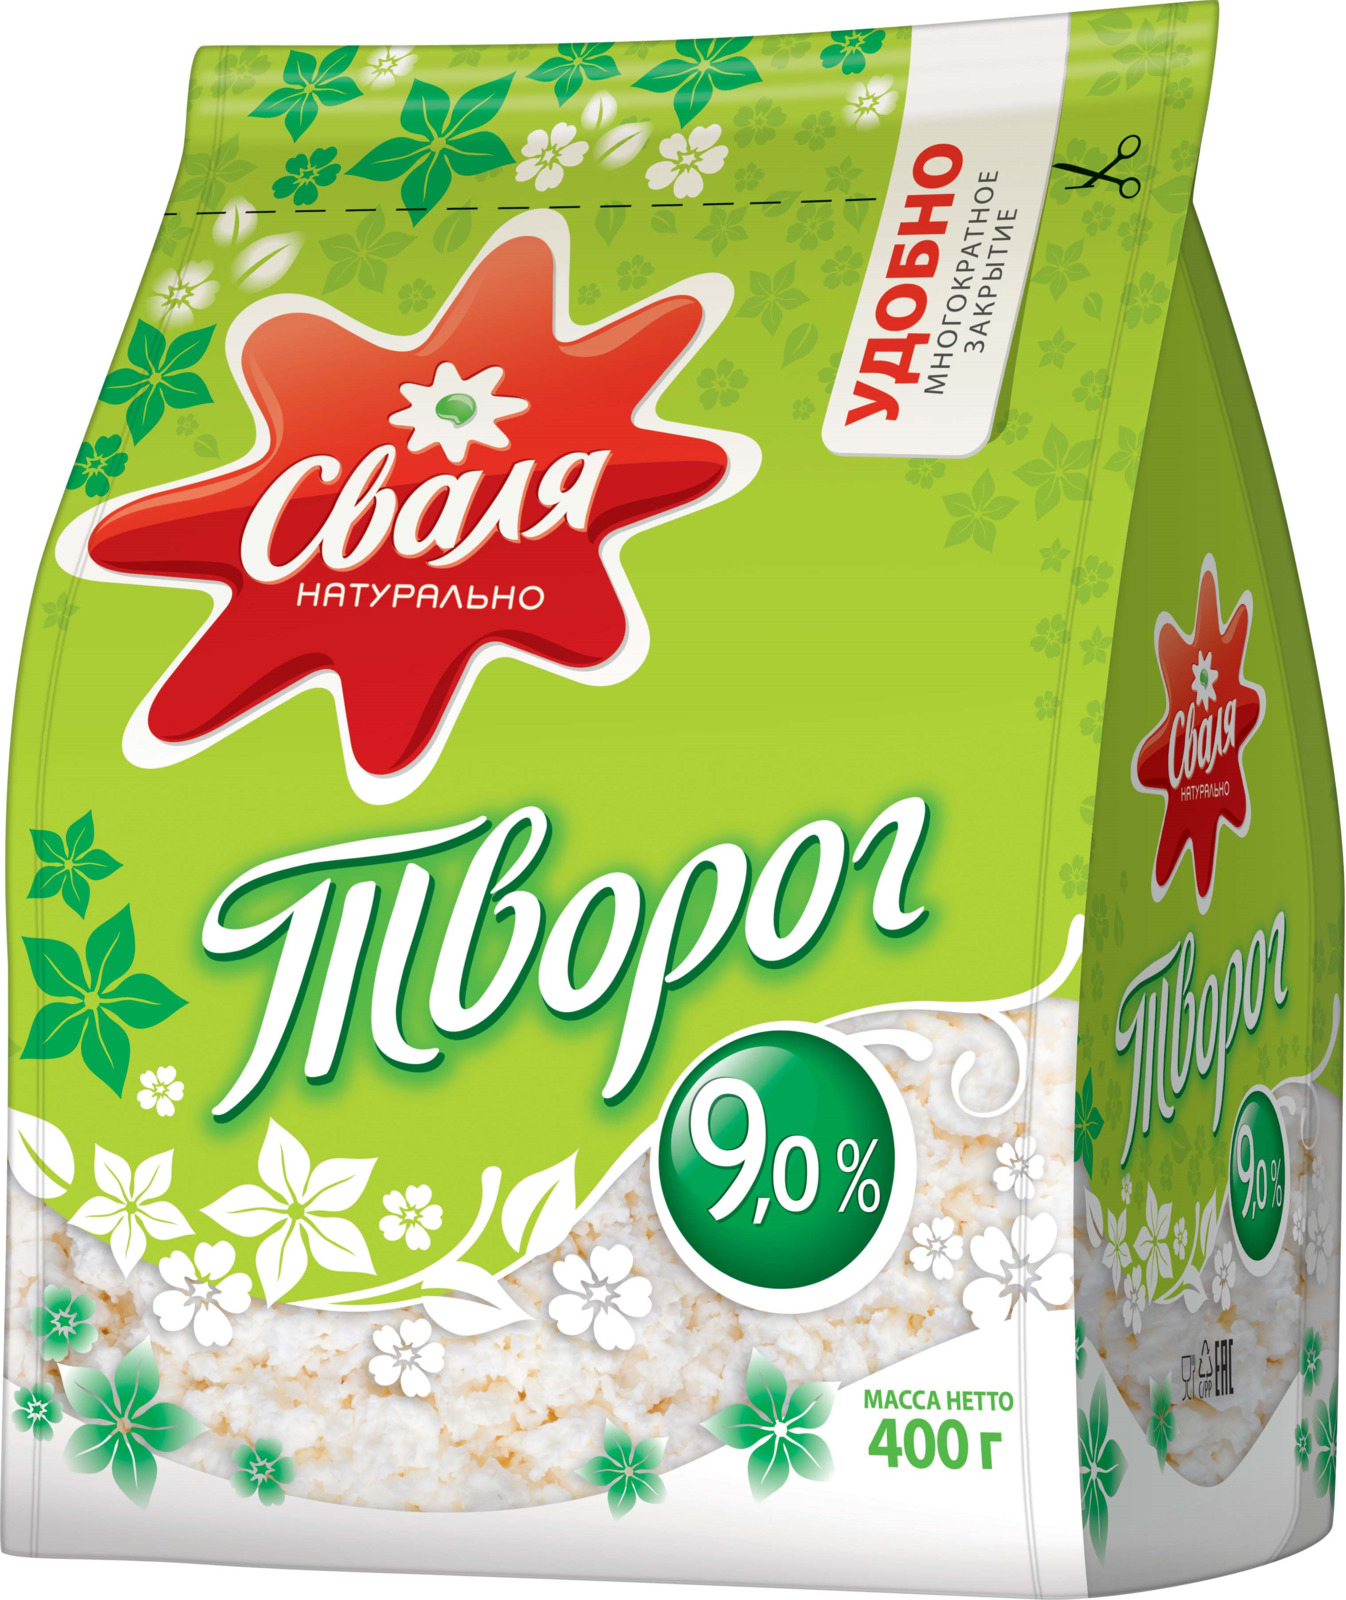 Творог Сваля, 9%, 400 г молочные продукты